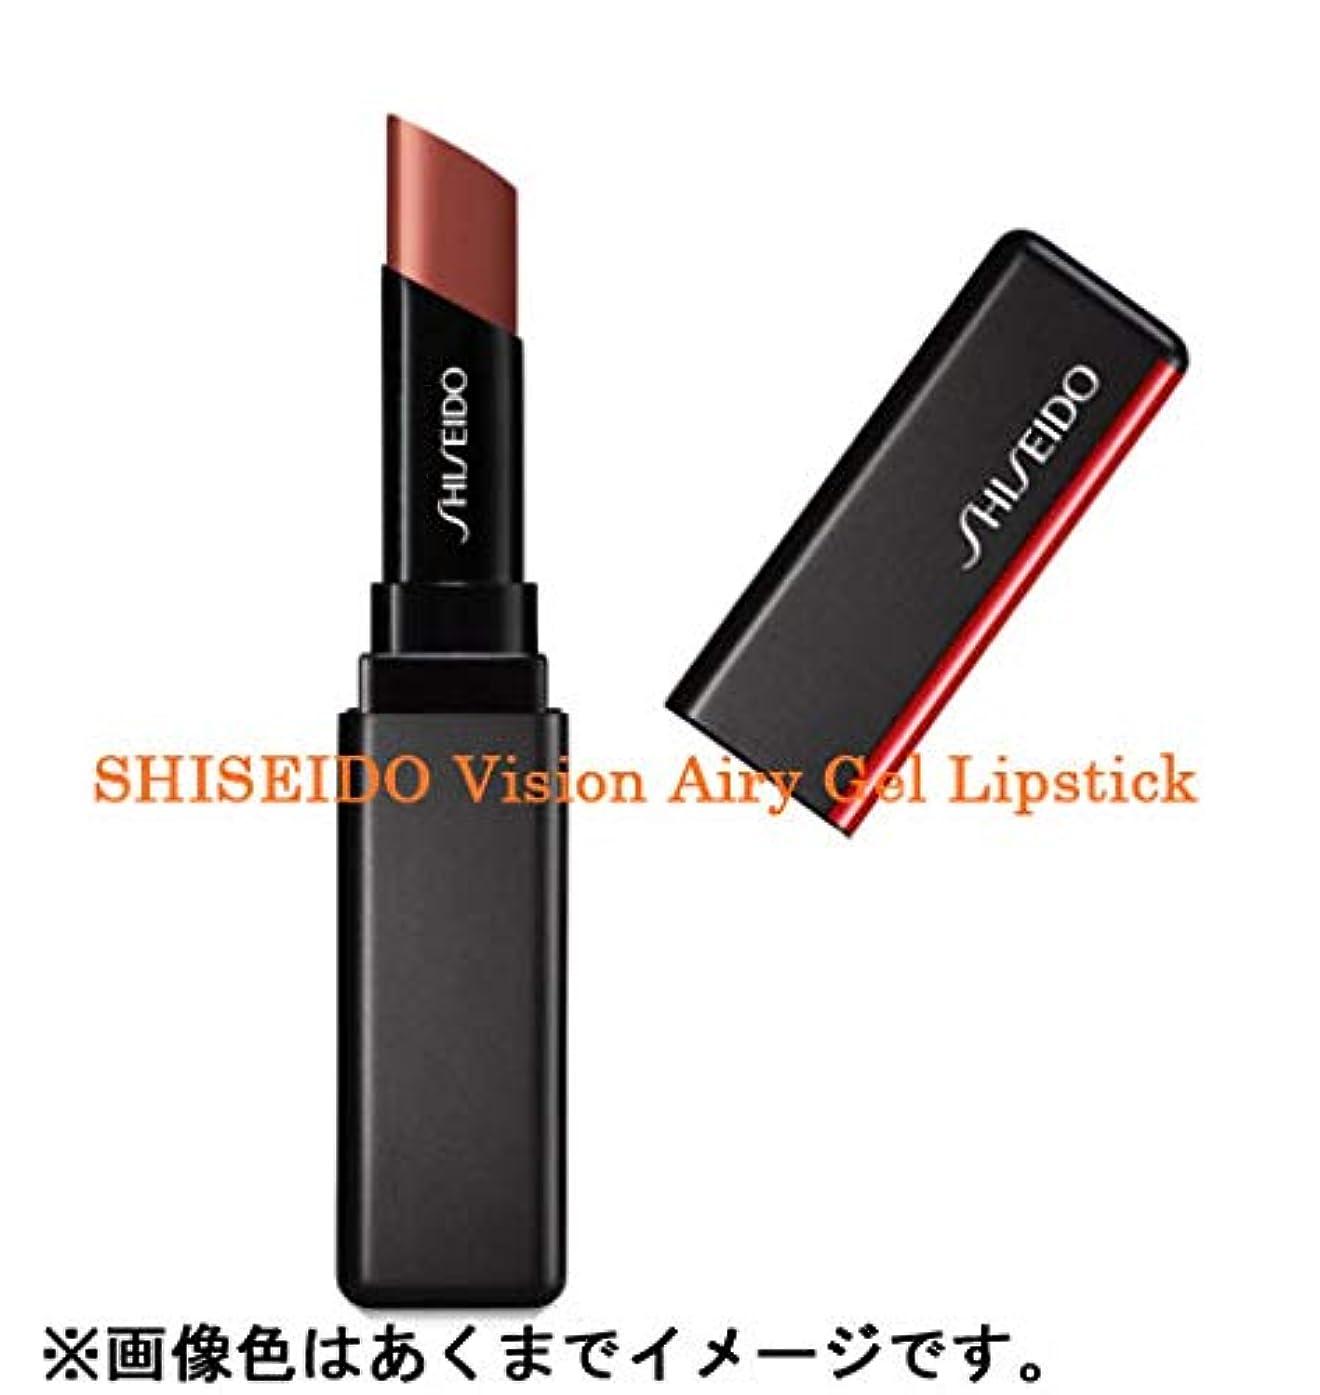 神聖トランスミッションがんばり続けるSHISEIDO Makeup(資生堂 メーキャップ) SHISEIDO(資生堂) SHISEIDO ヴィジョナリー ジェルリップスティック 1.6g (228)